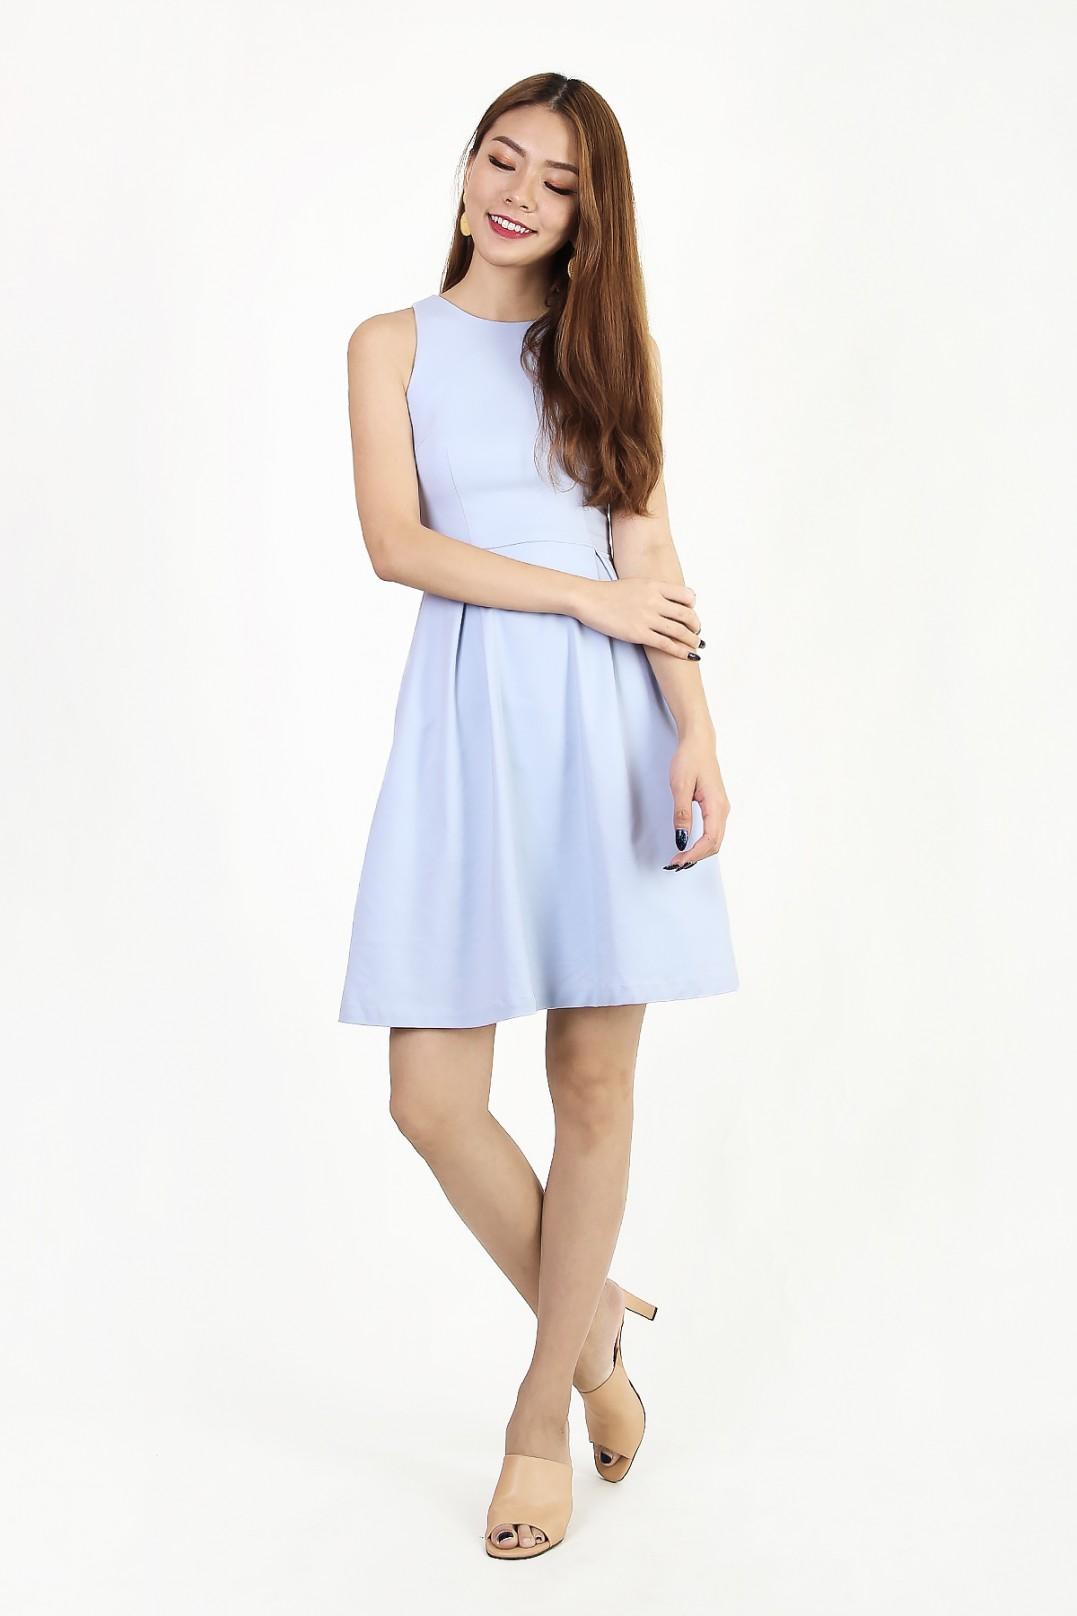 Pepper Classic Flare Dress In Powder Blue Mgp